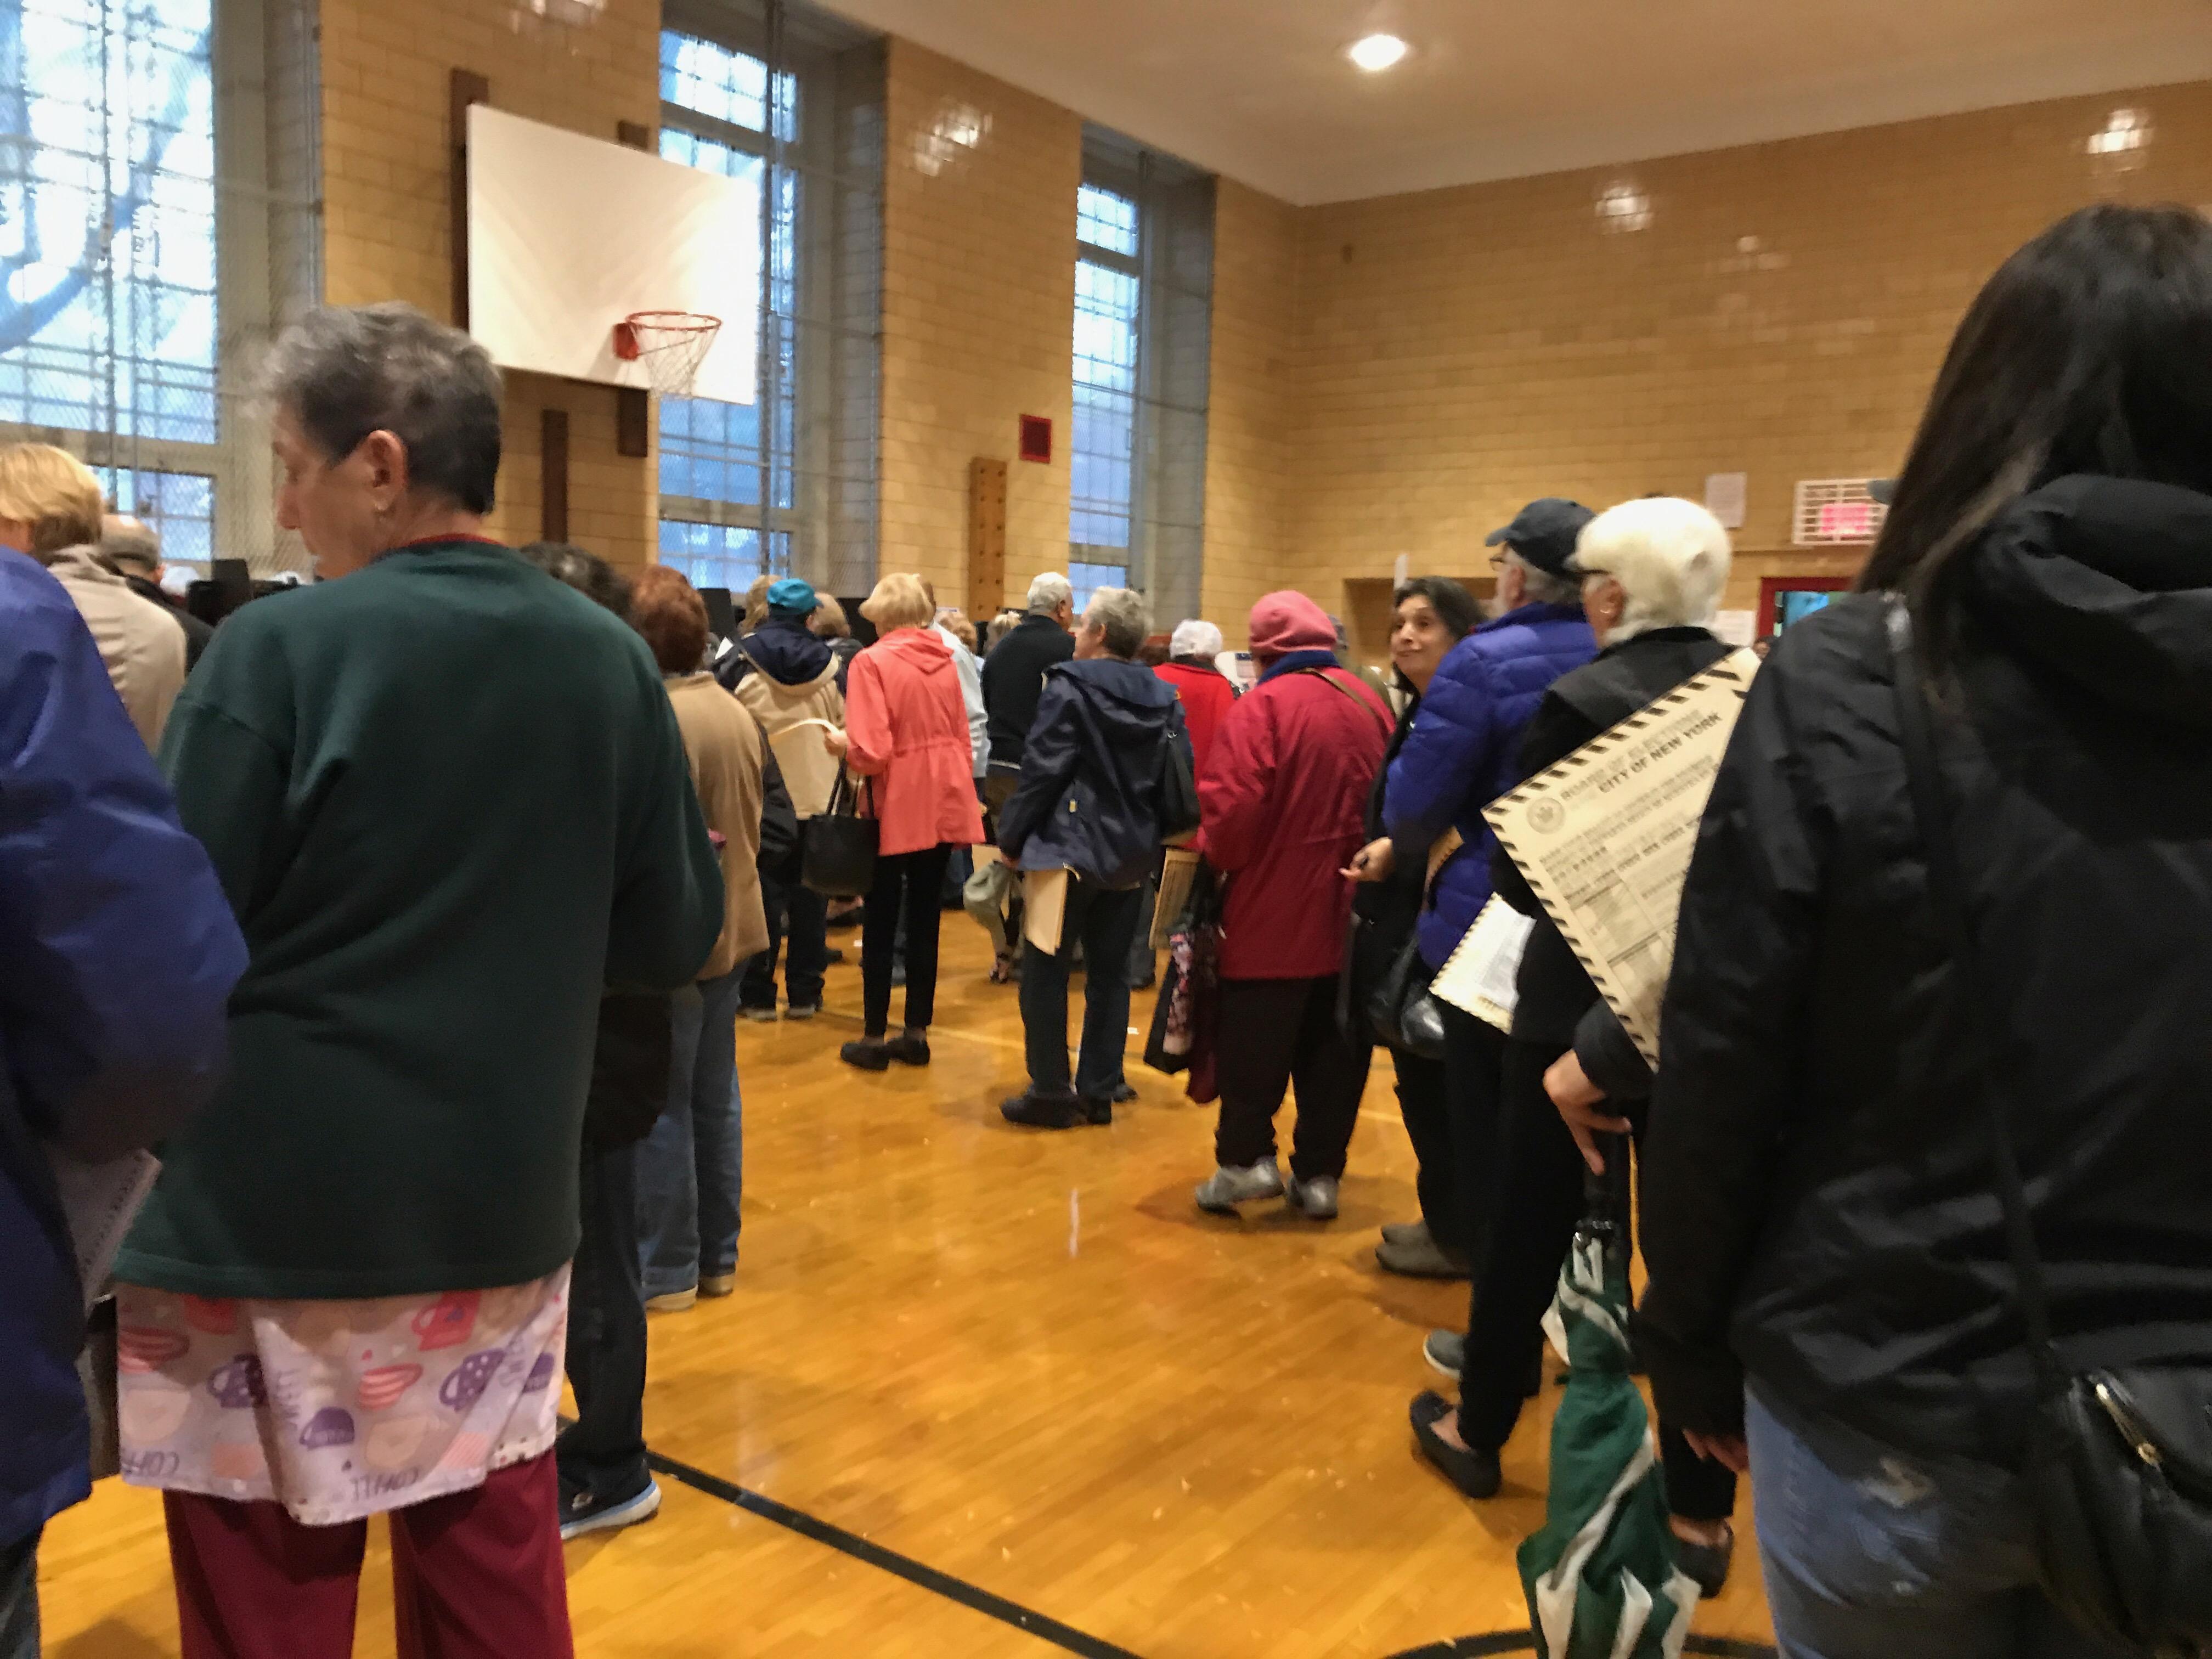 風雨擋不住 中期選舉紐約華人投票熱情高